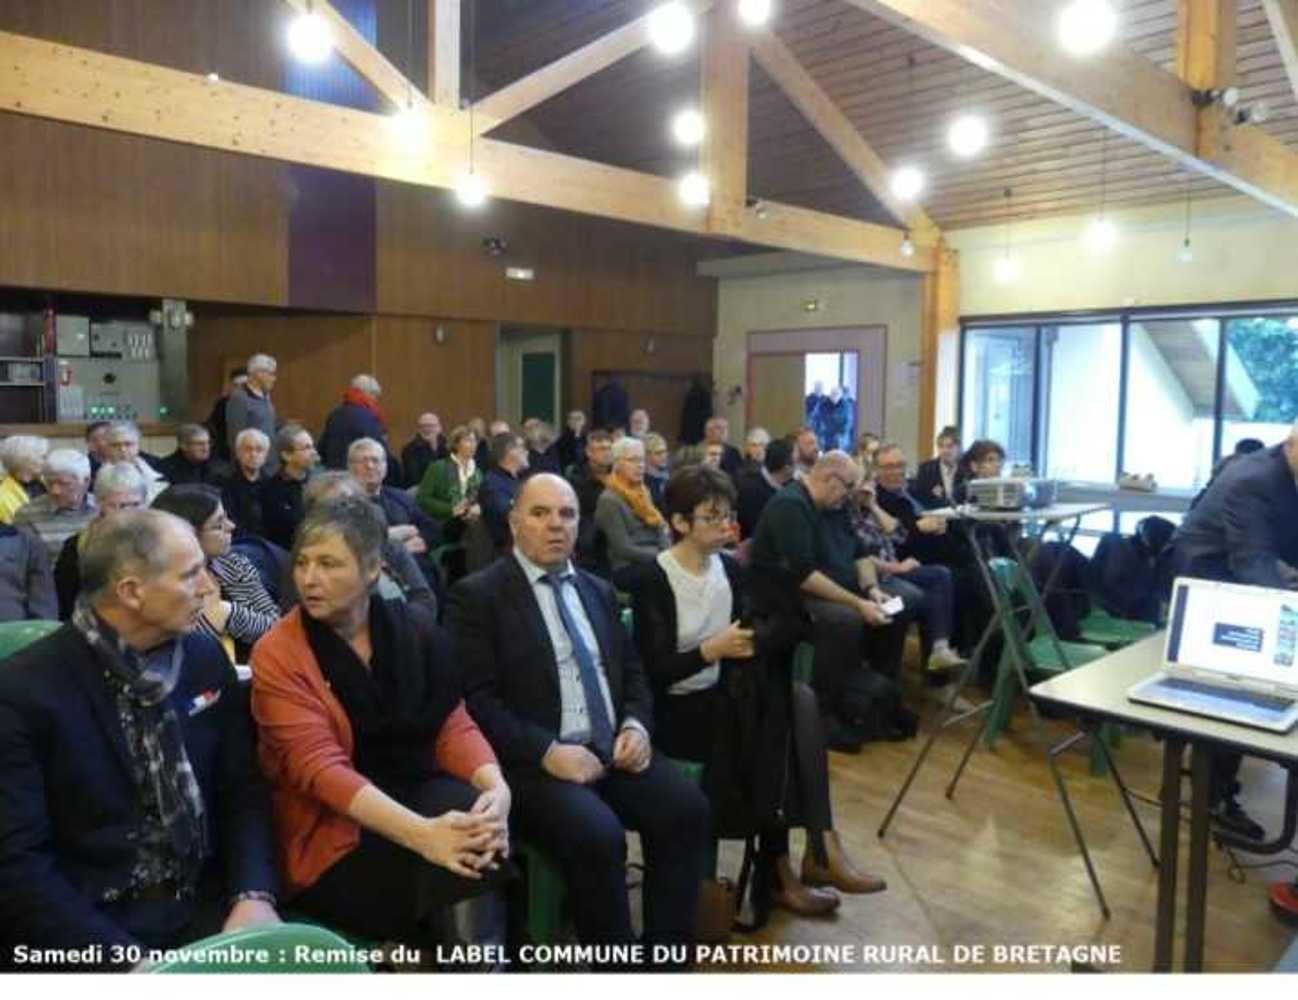 Samedi 30 novembre : photos du Label Commune Patrimoine Rural de Bretagne image7